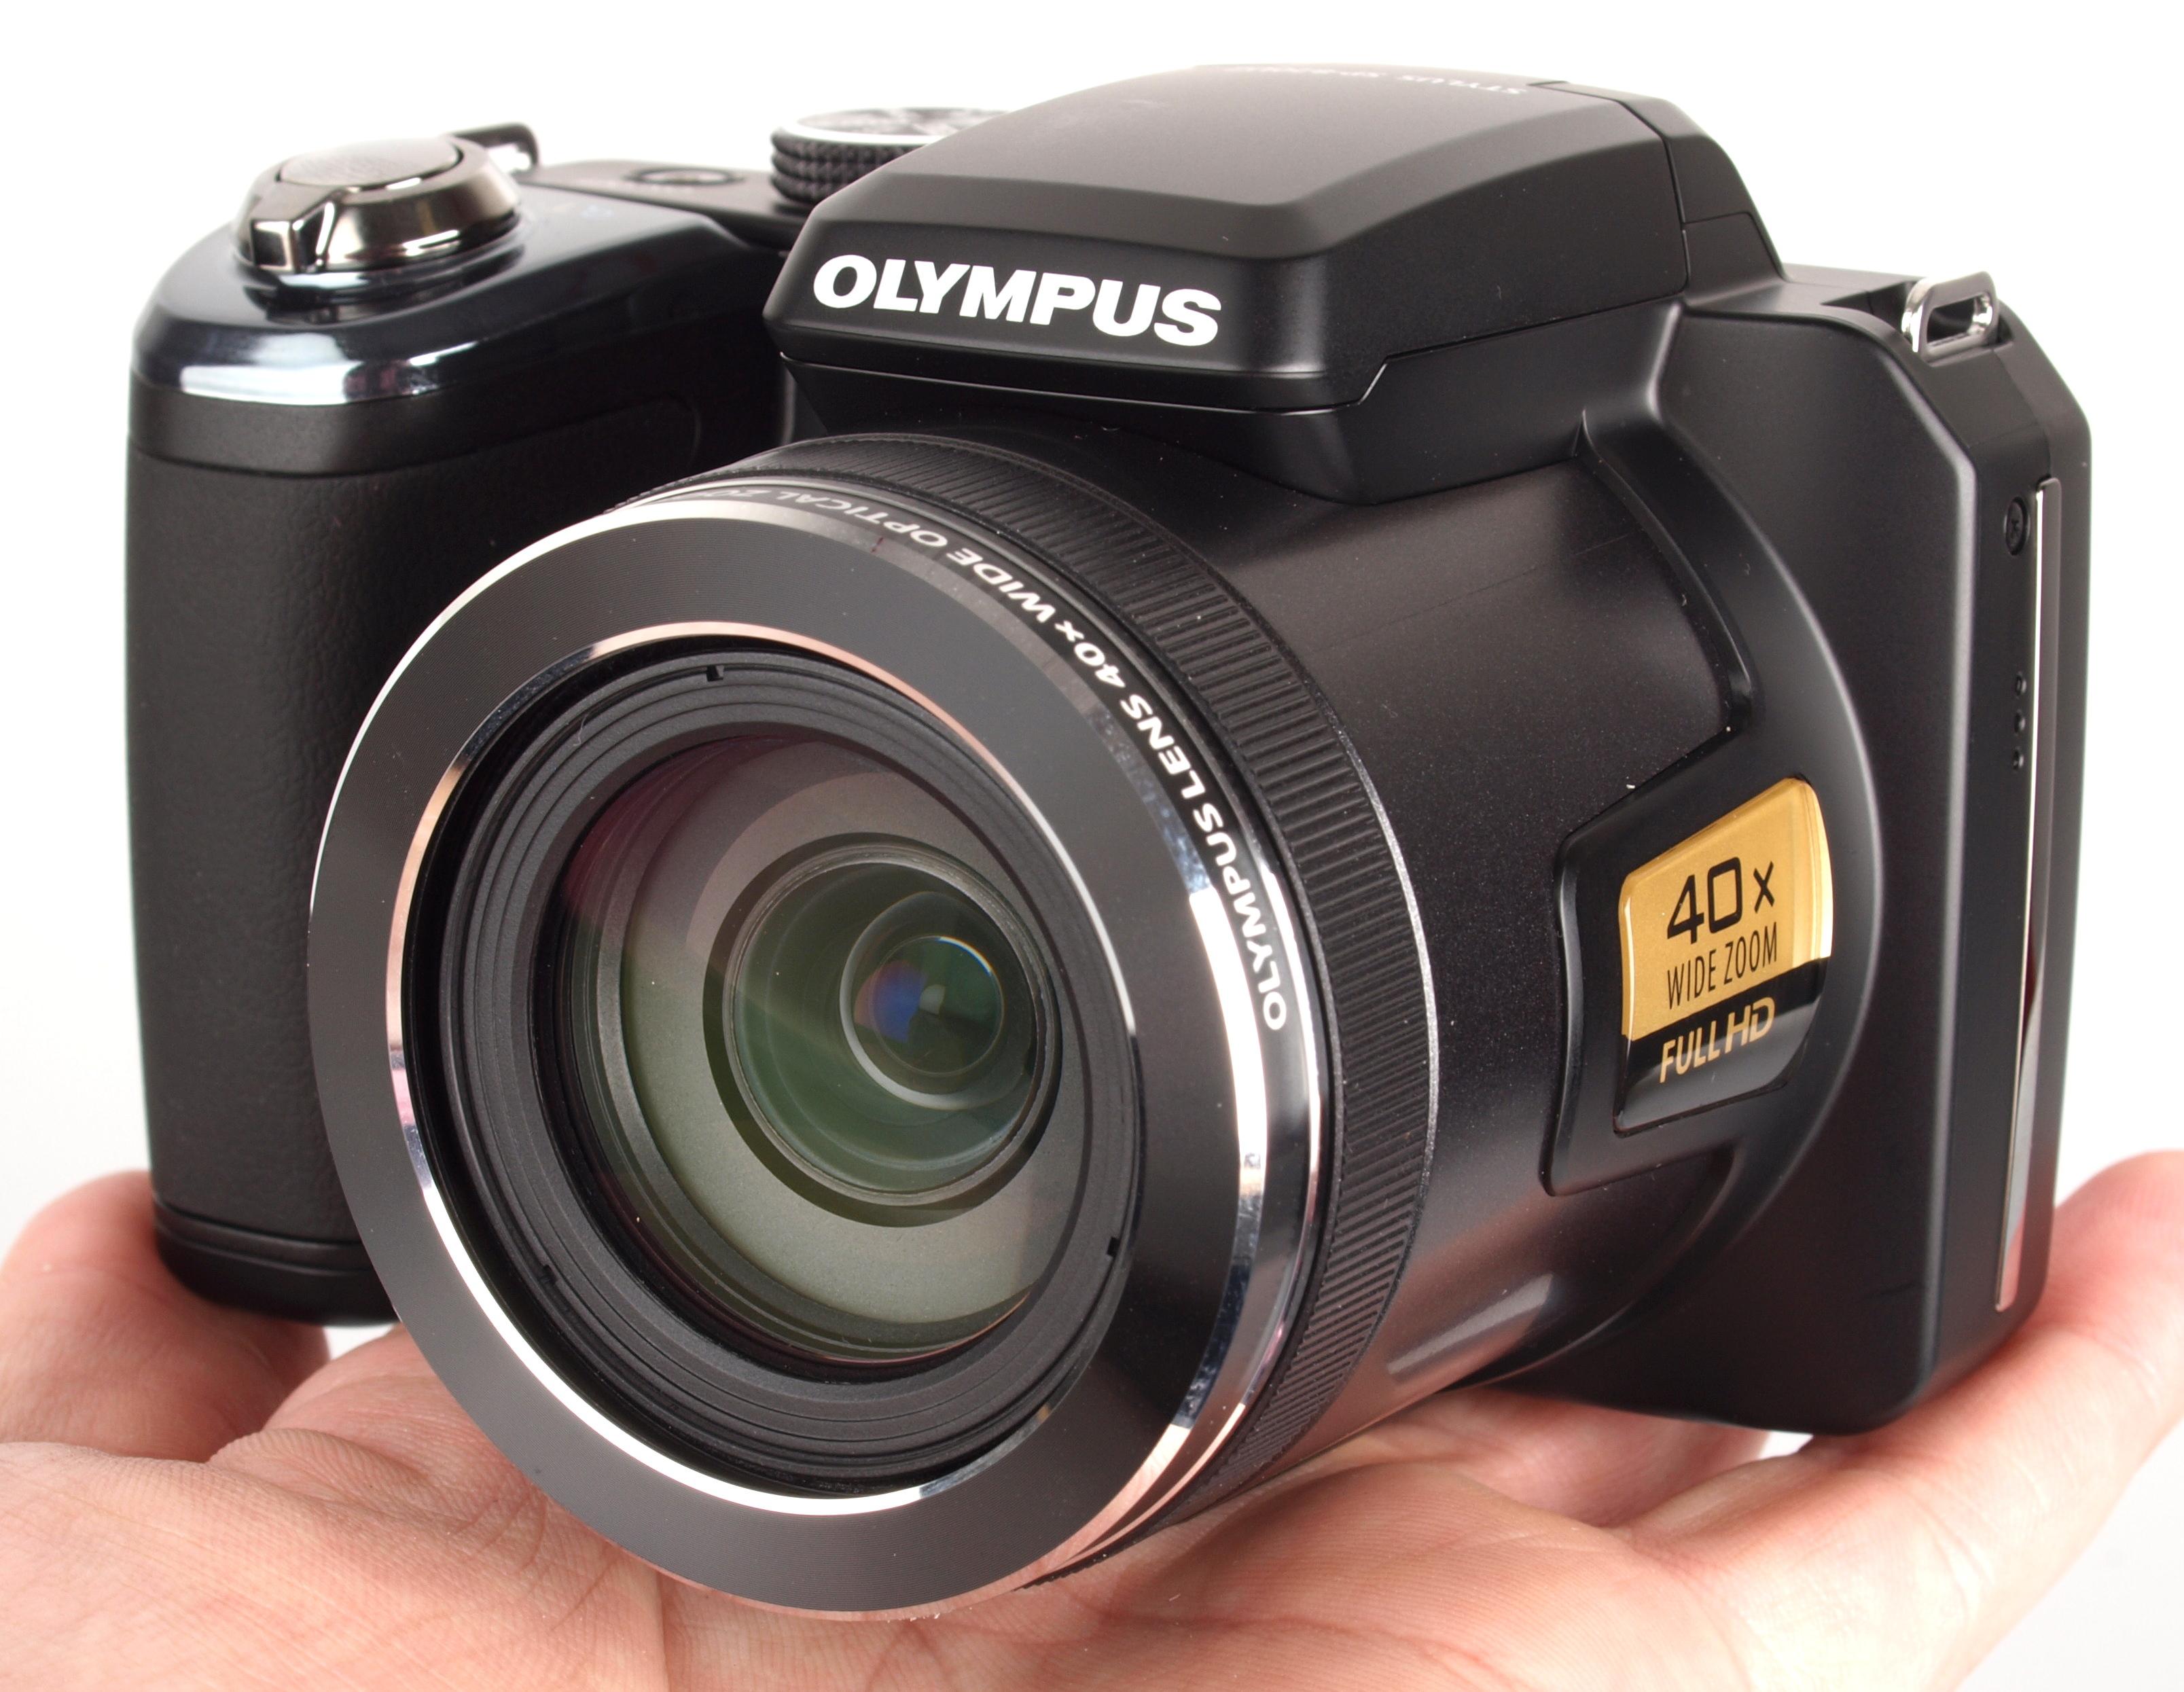 olympus stylus sp 820uz sample photos rh ephotozine com Olympus Stylus Manual PDF Olympus Camera Lens Section